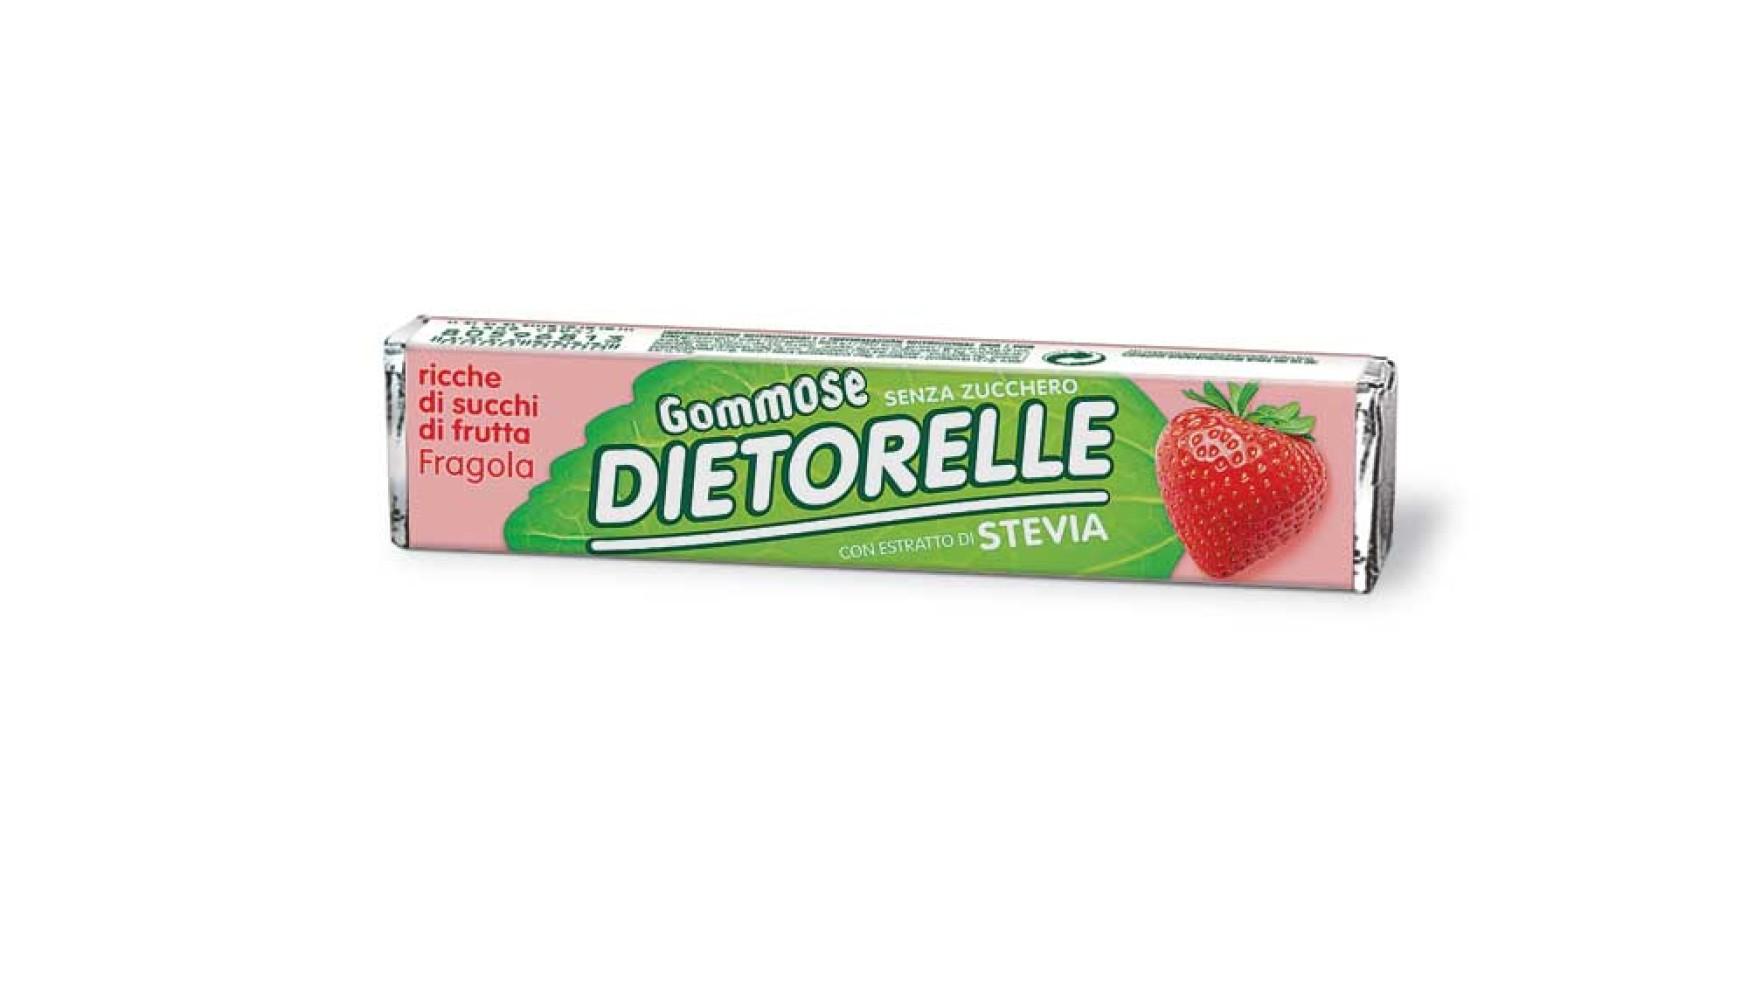 Le nuove Dietorelle, con più gusto e più leggerezza!